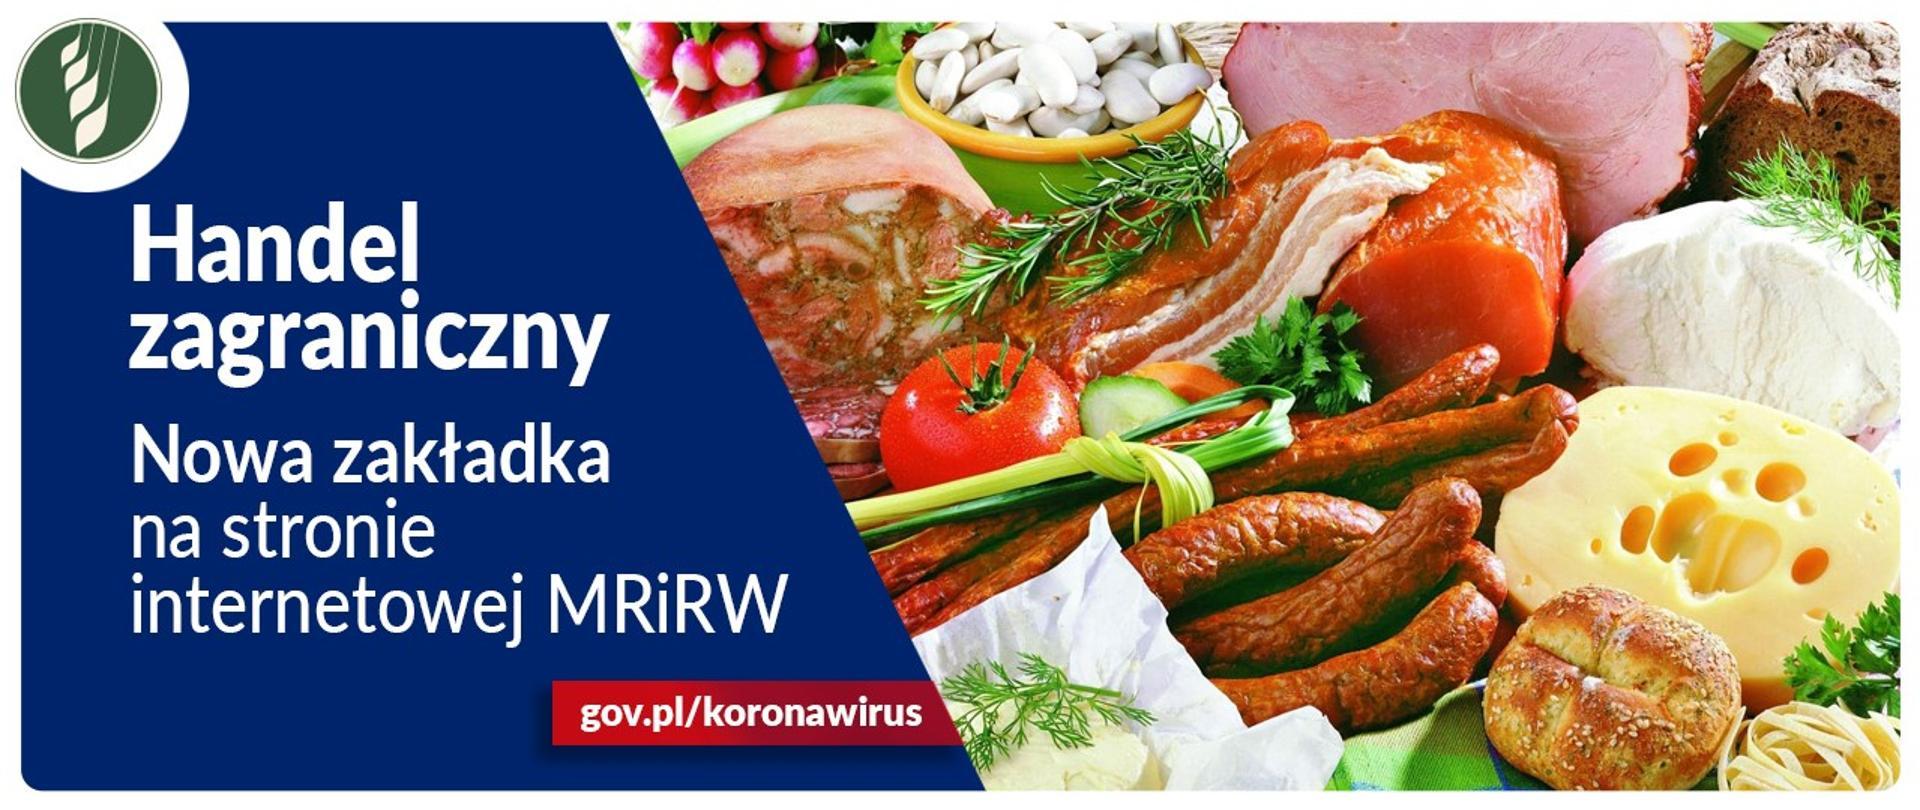 Handel zagraniczny. Możliwości zakupu produktów rolno-spożywczych w Polsce – nowa zakładka na stronie internetowej MRiRW